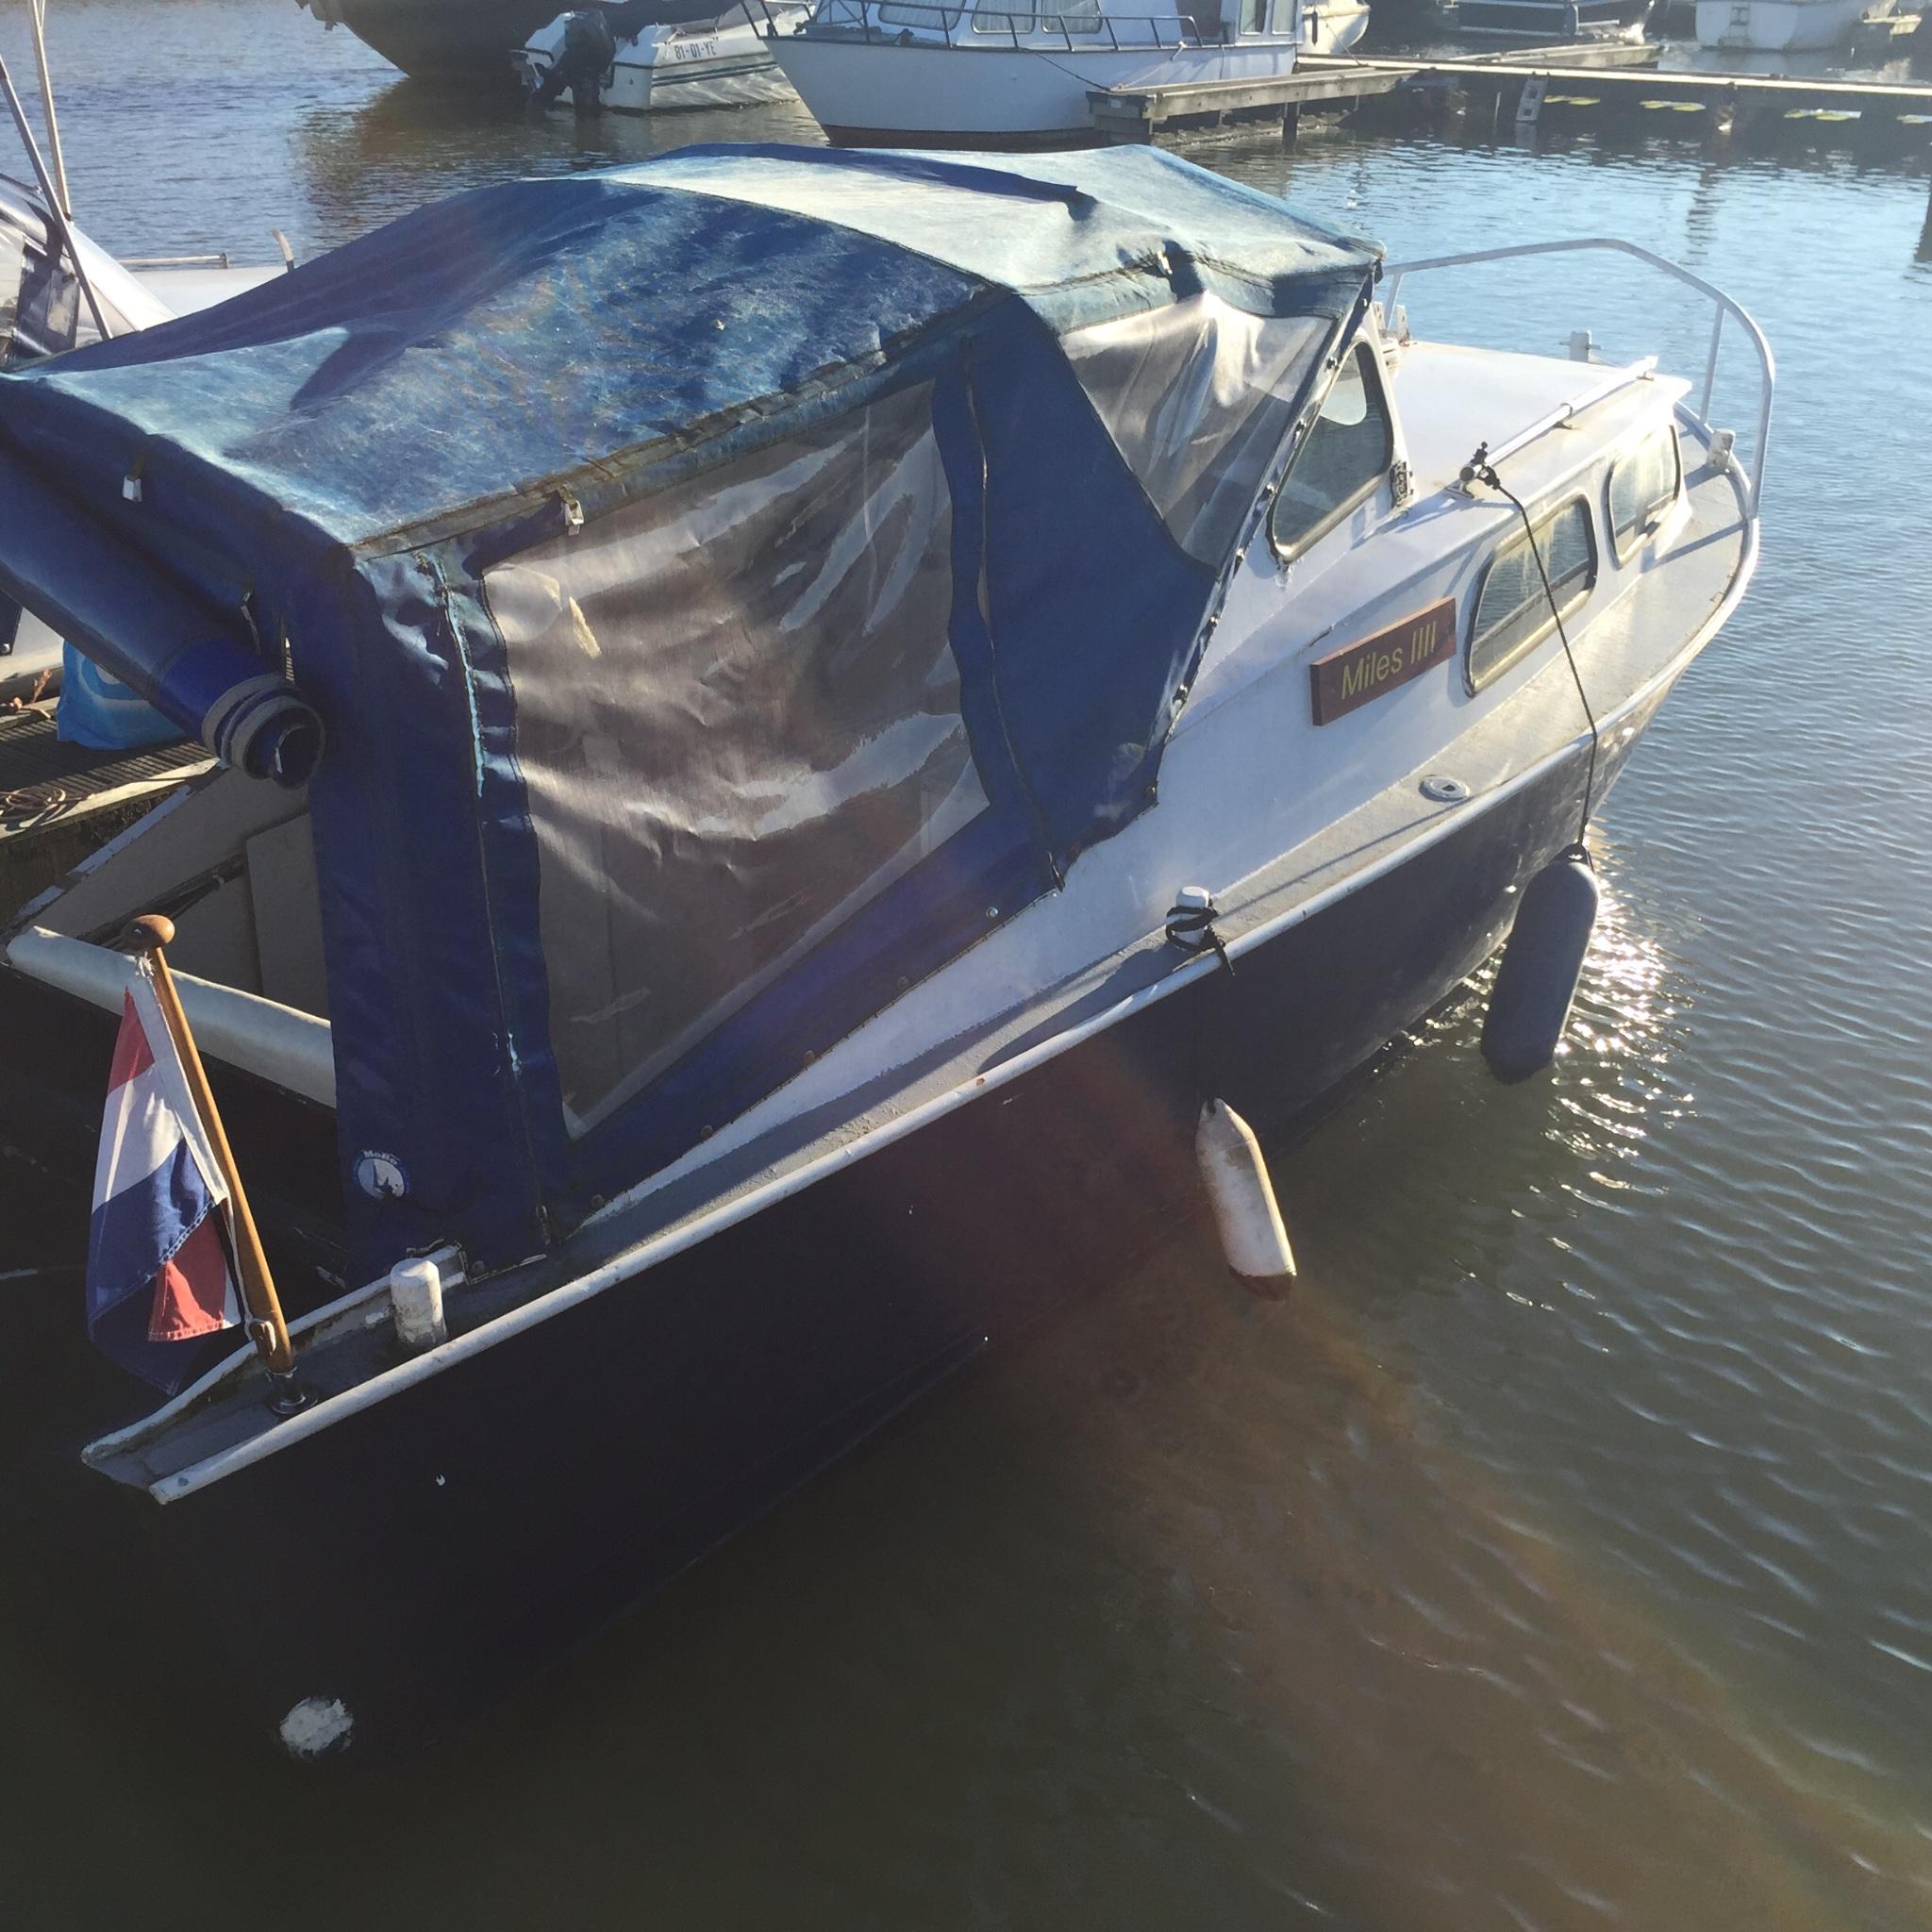 Onwijs Motor werkt niet goed klein bootje - Werkspot WV-12